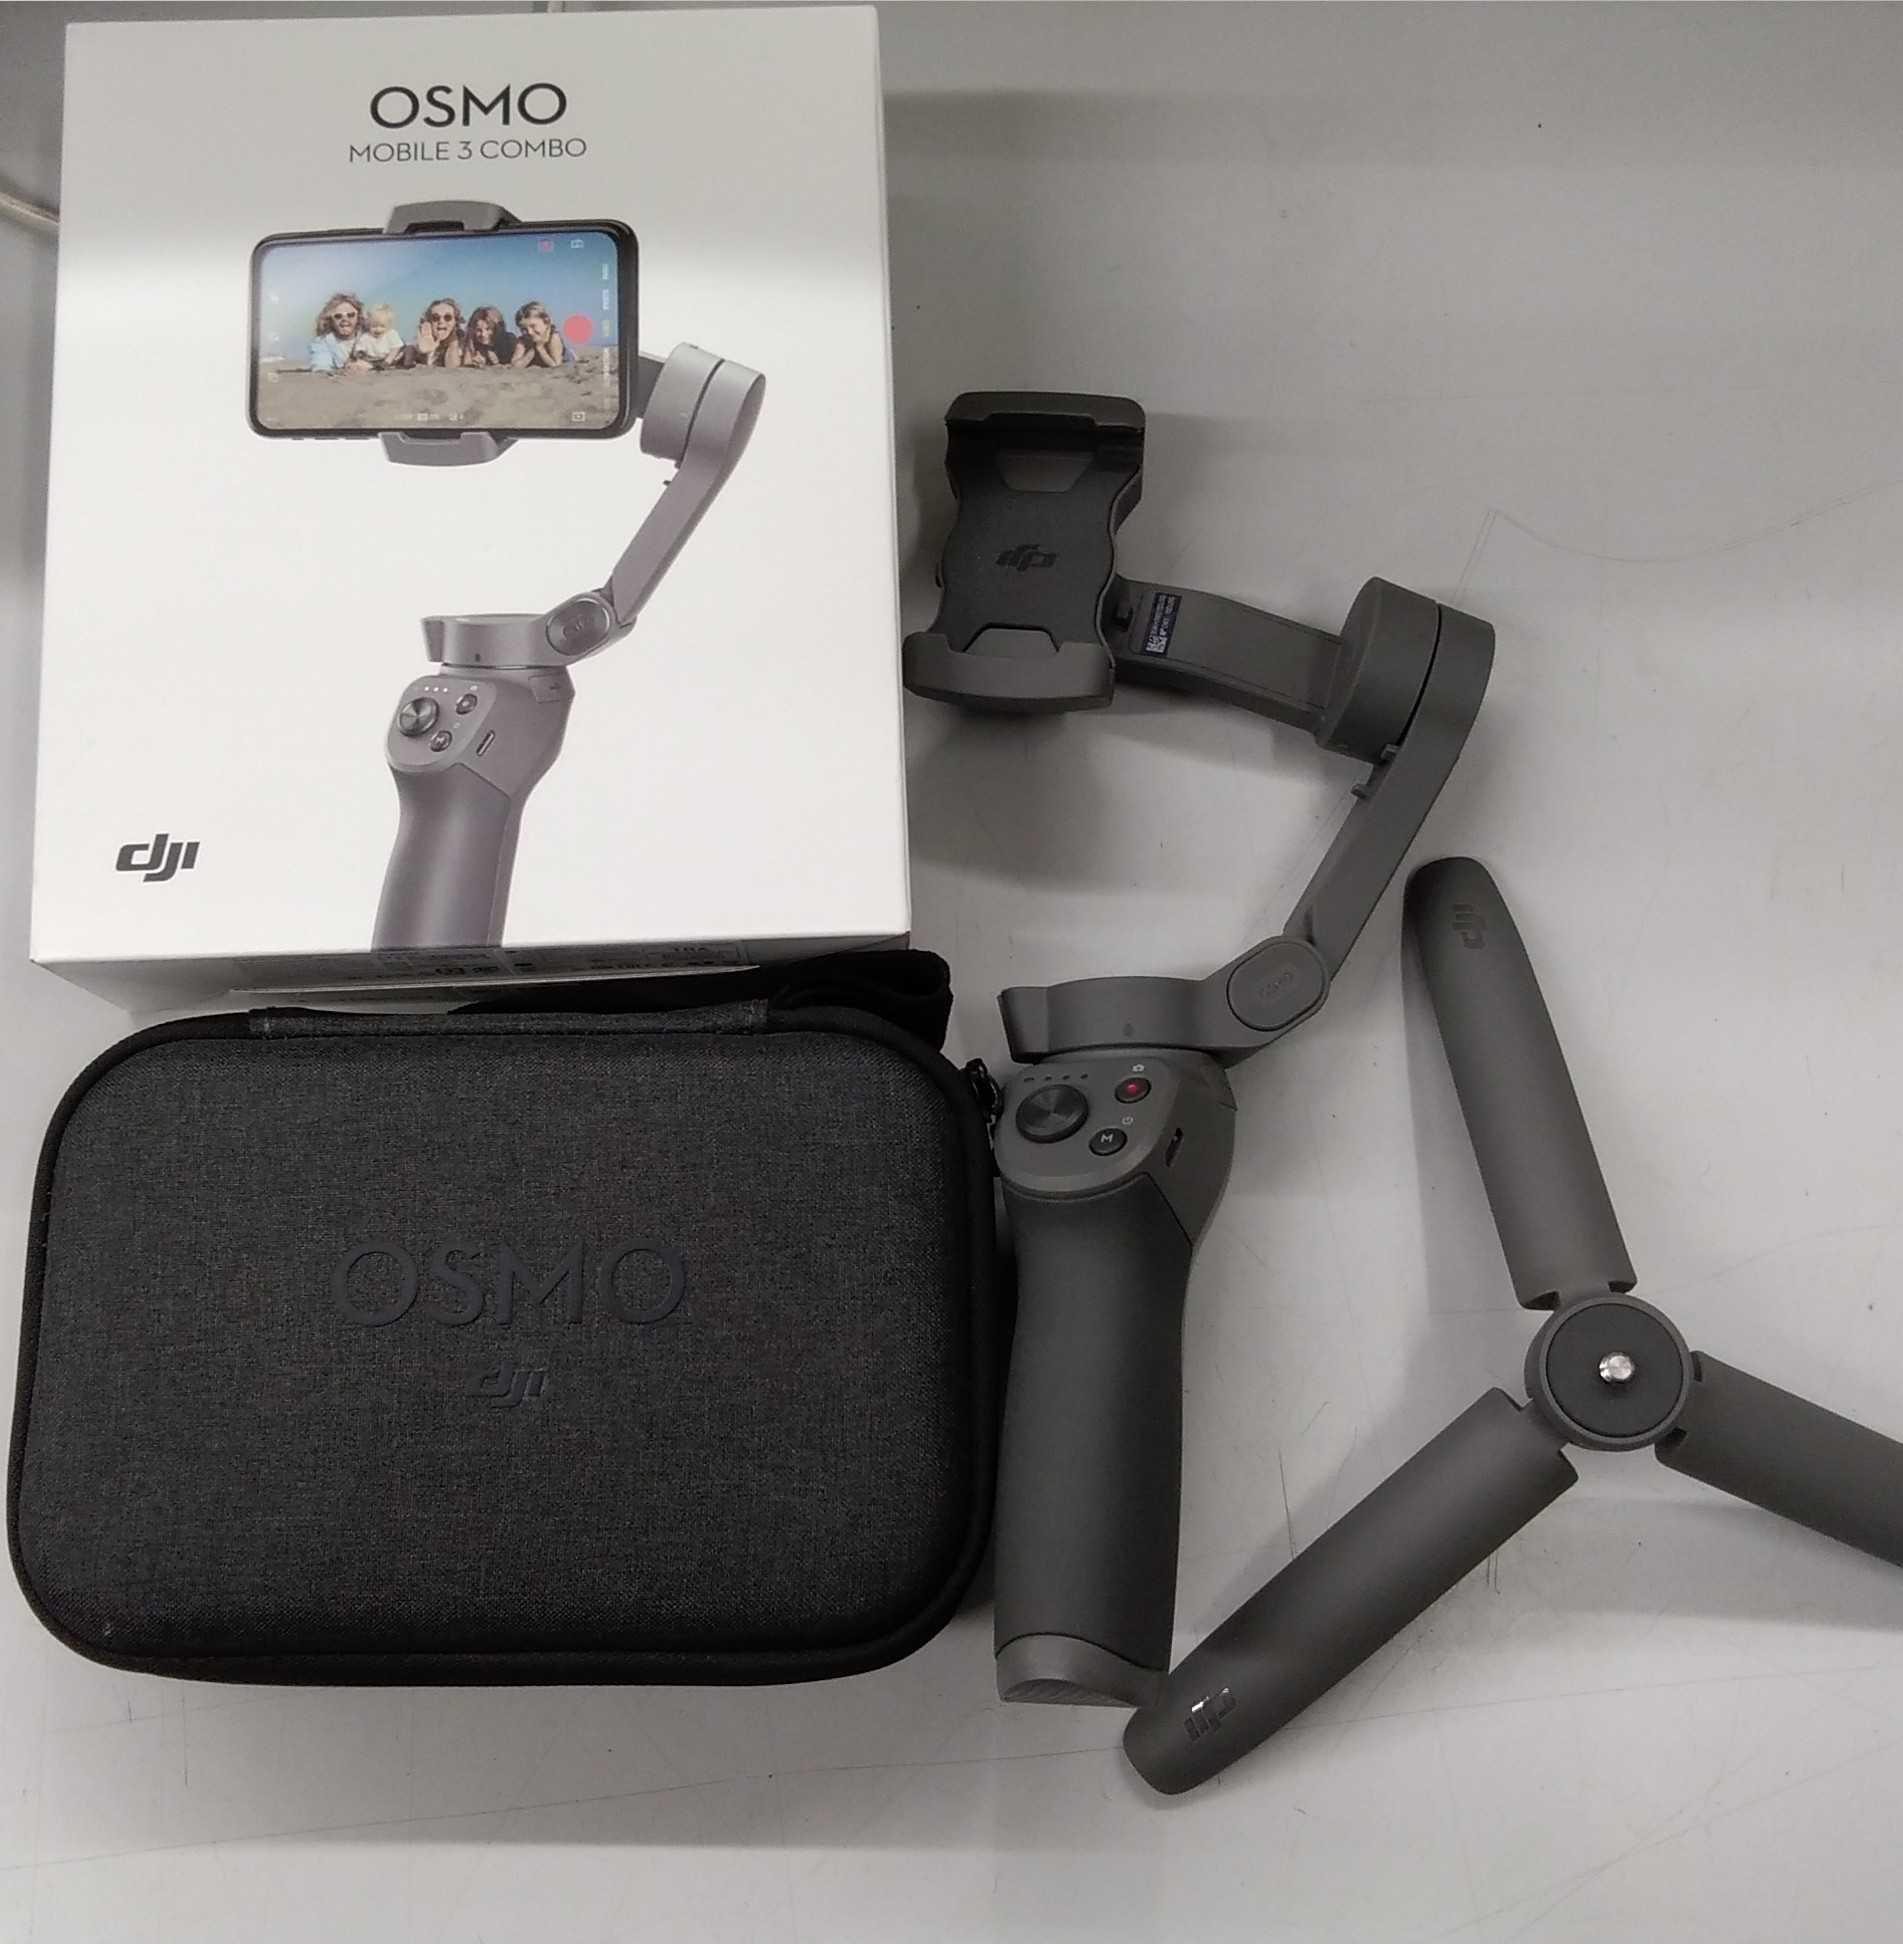 グリップ式三脚/ジンバル OSMO MOBILE3|DJI